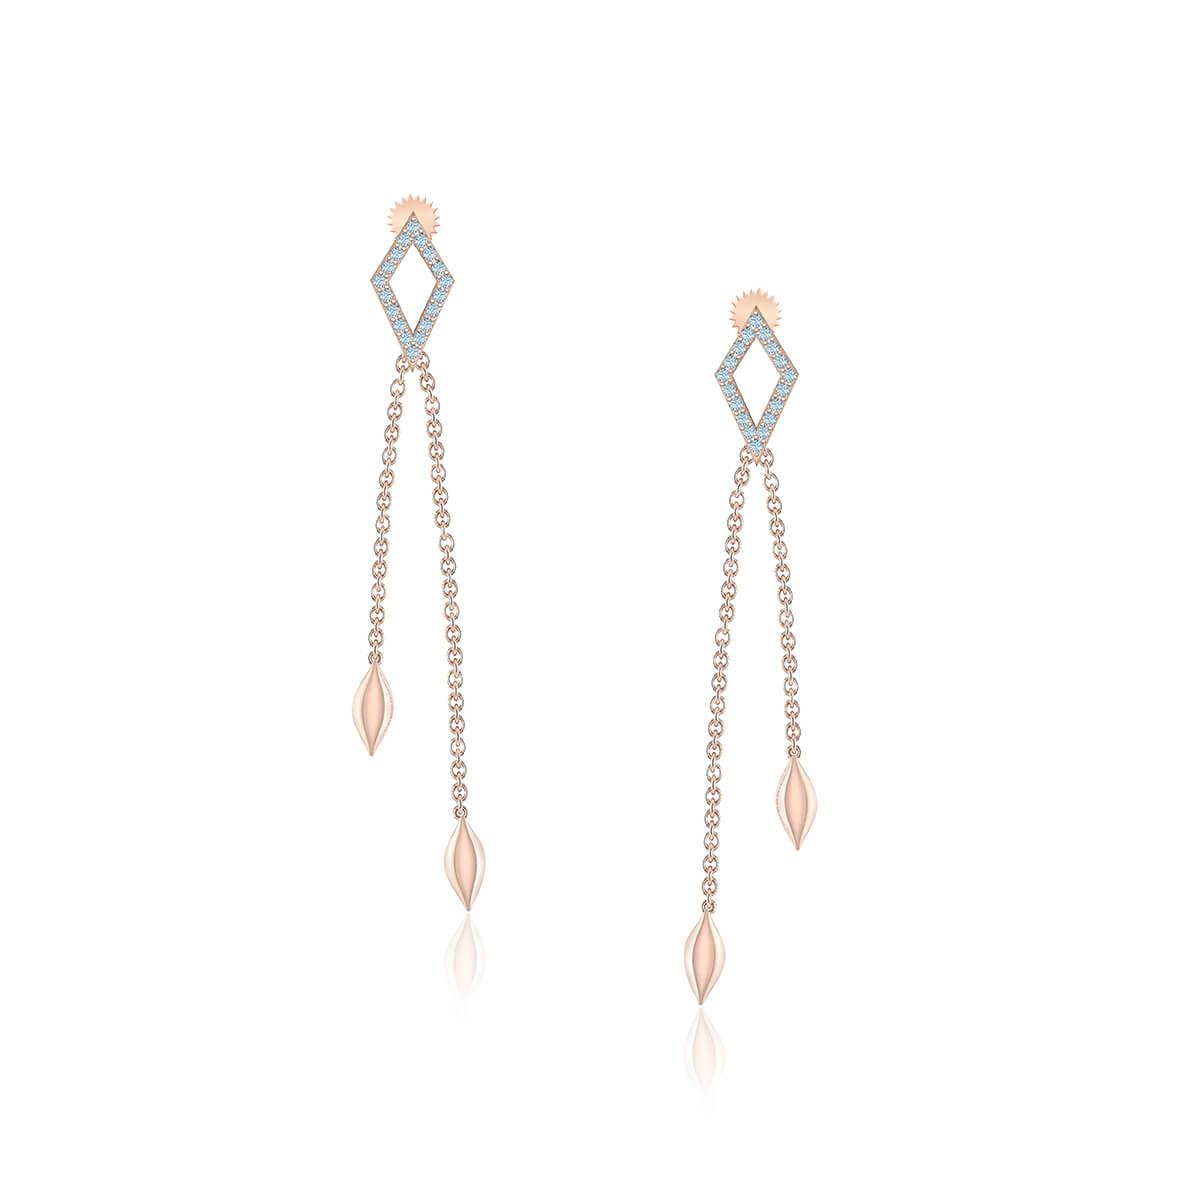 Bellatrix Diamond Earrings (1/6 CT. TW.)